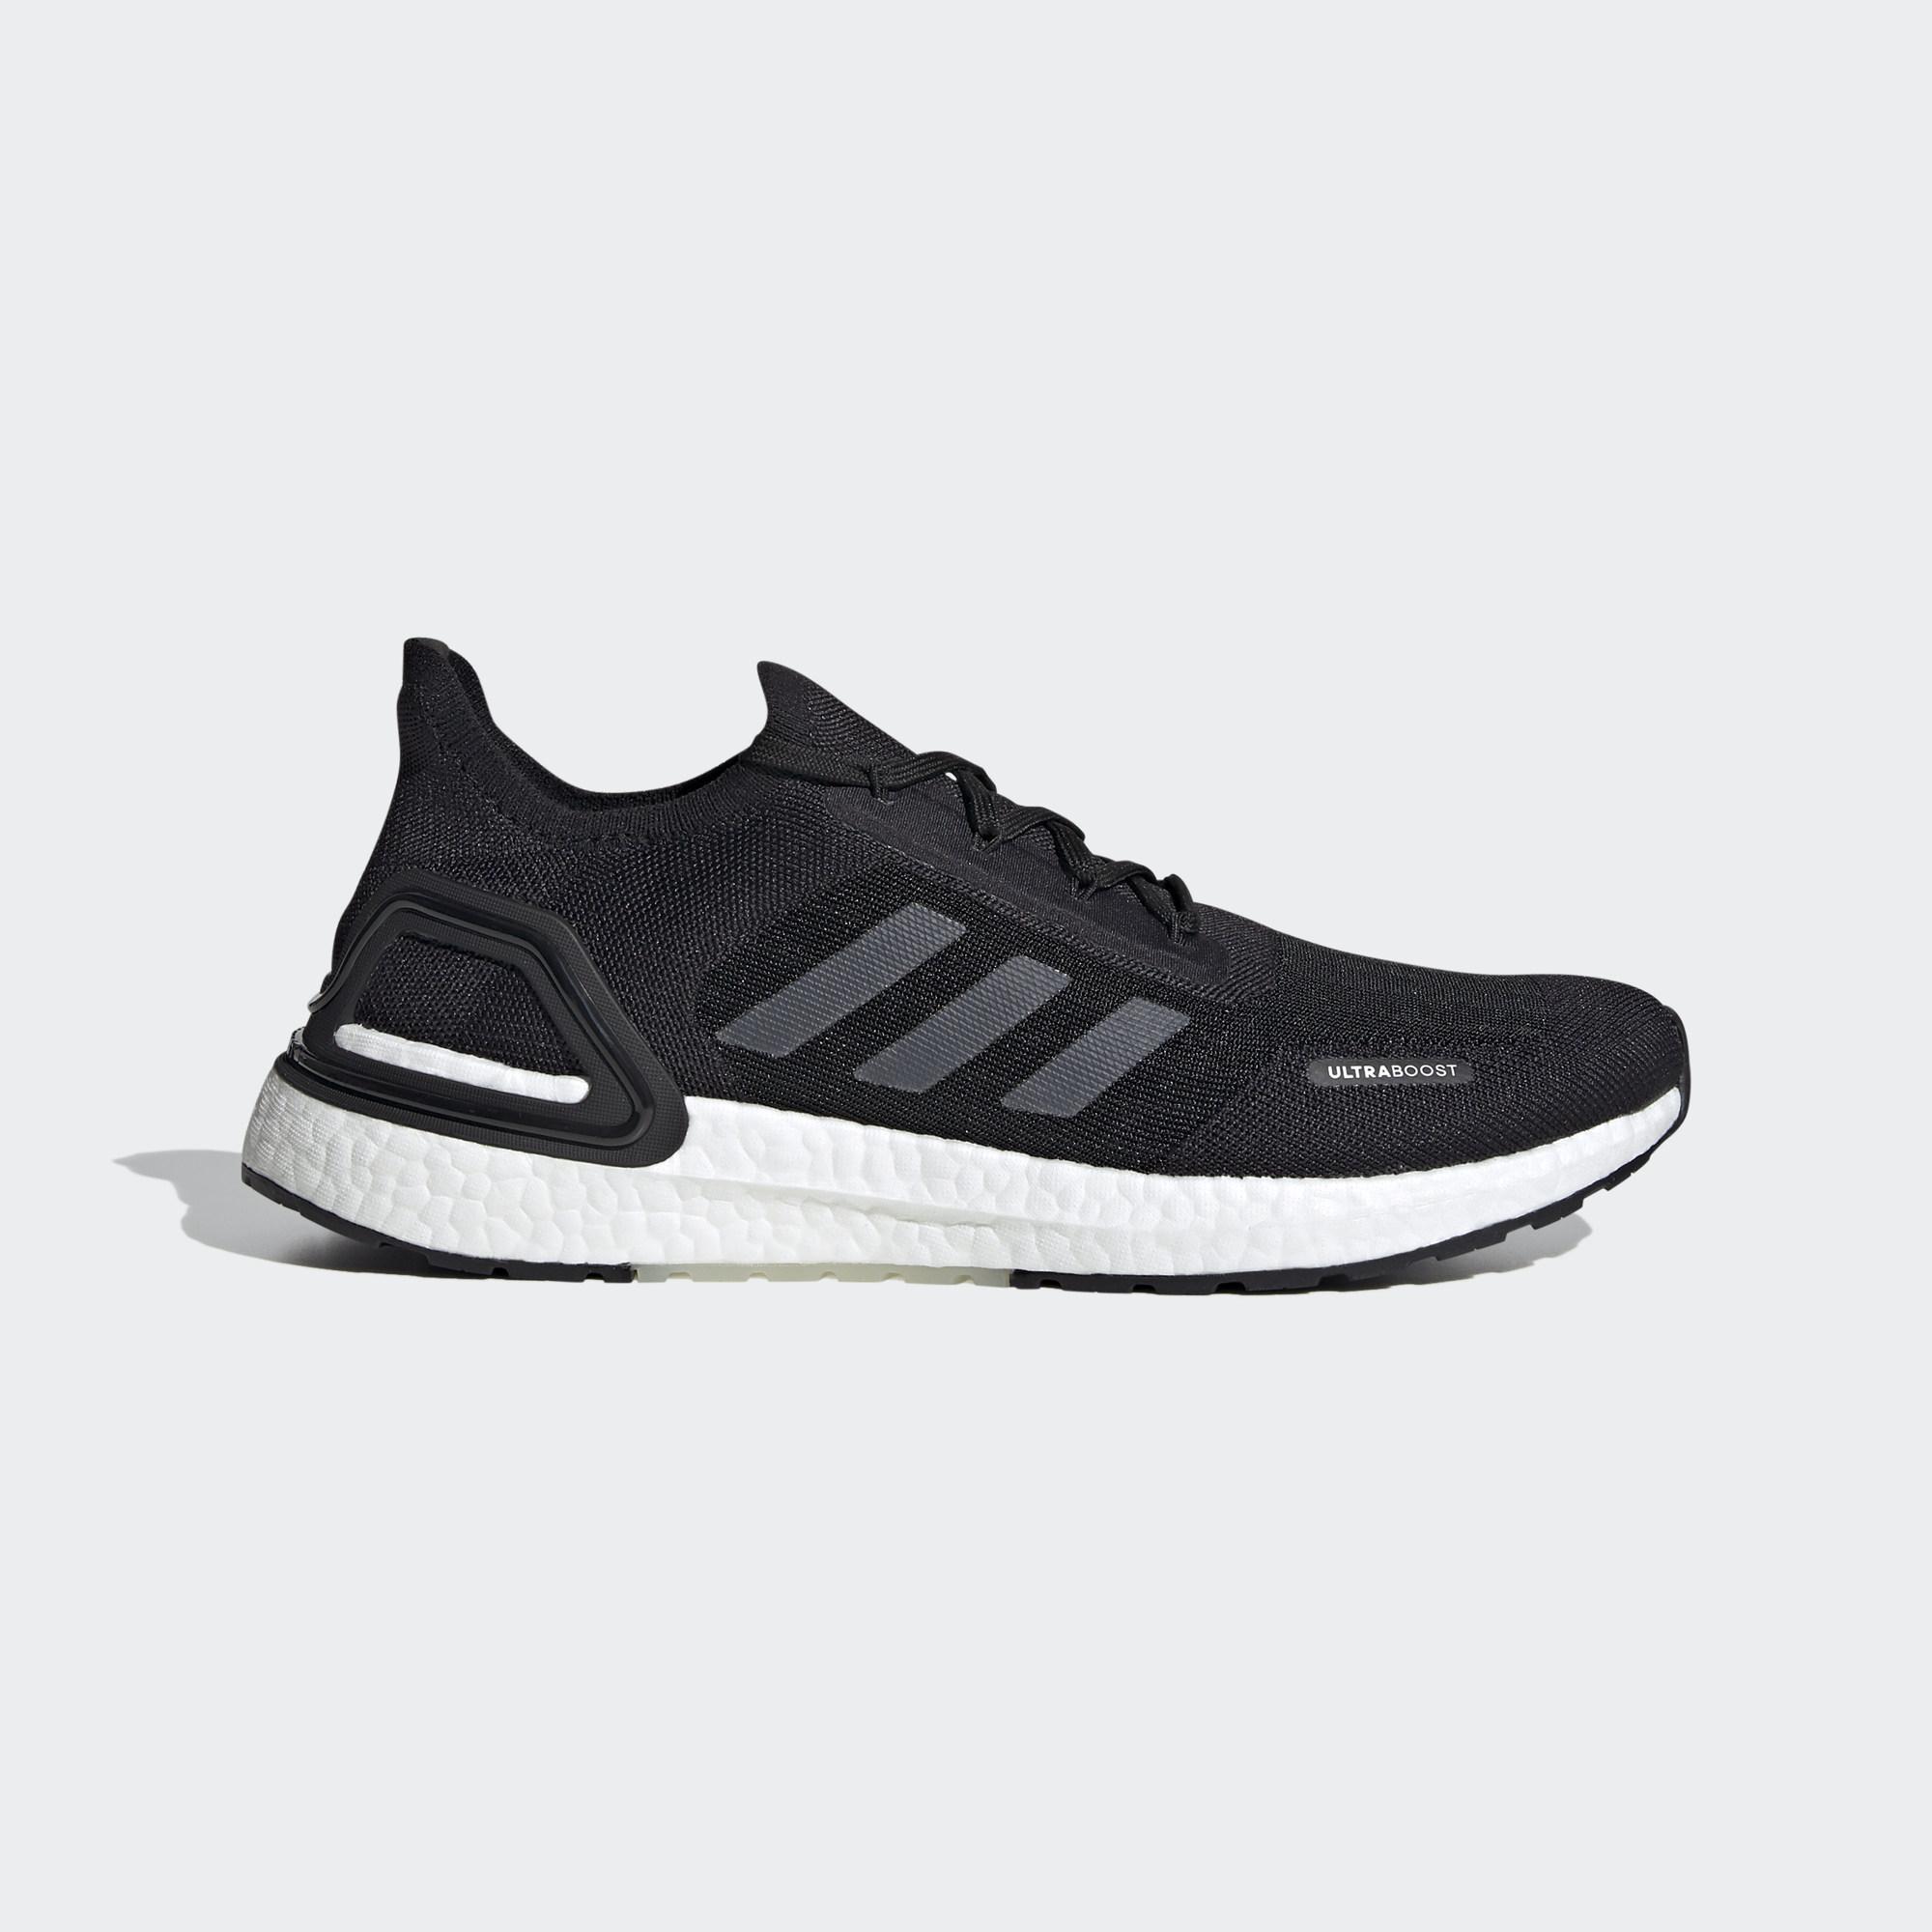 適合夏季跑步的高機能跑鞋